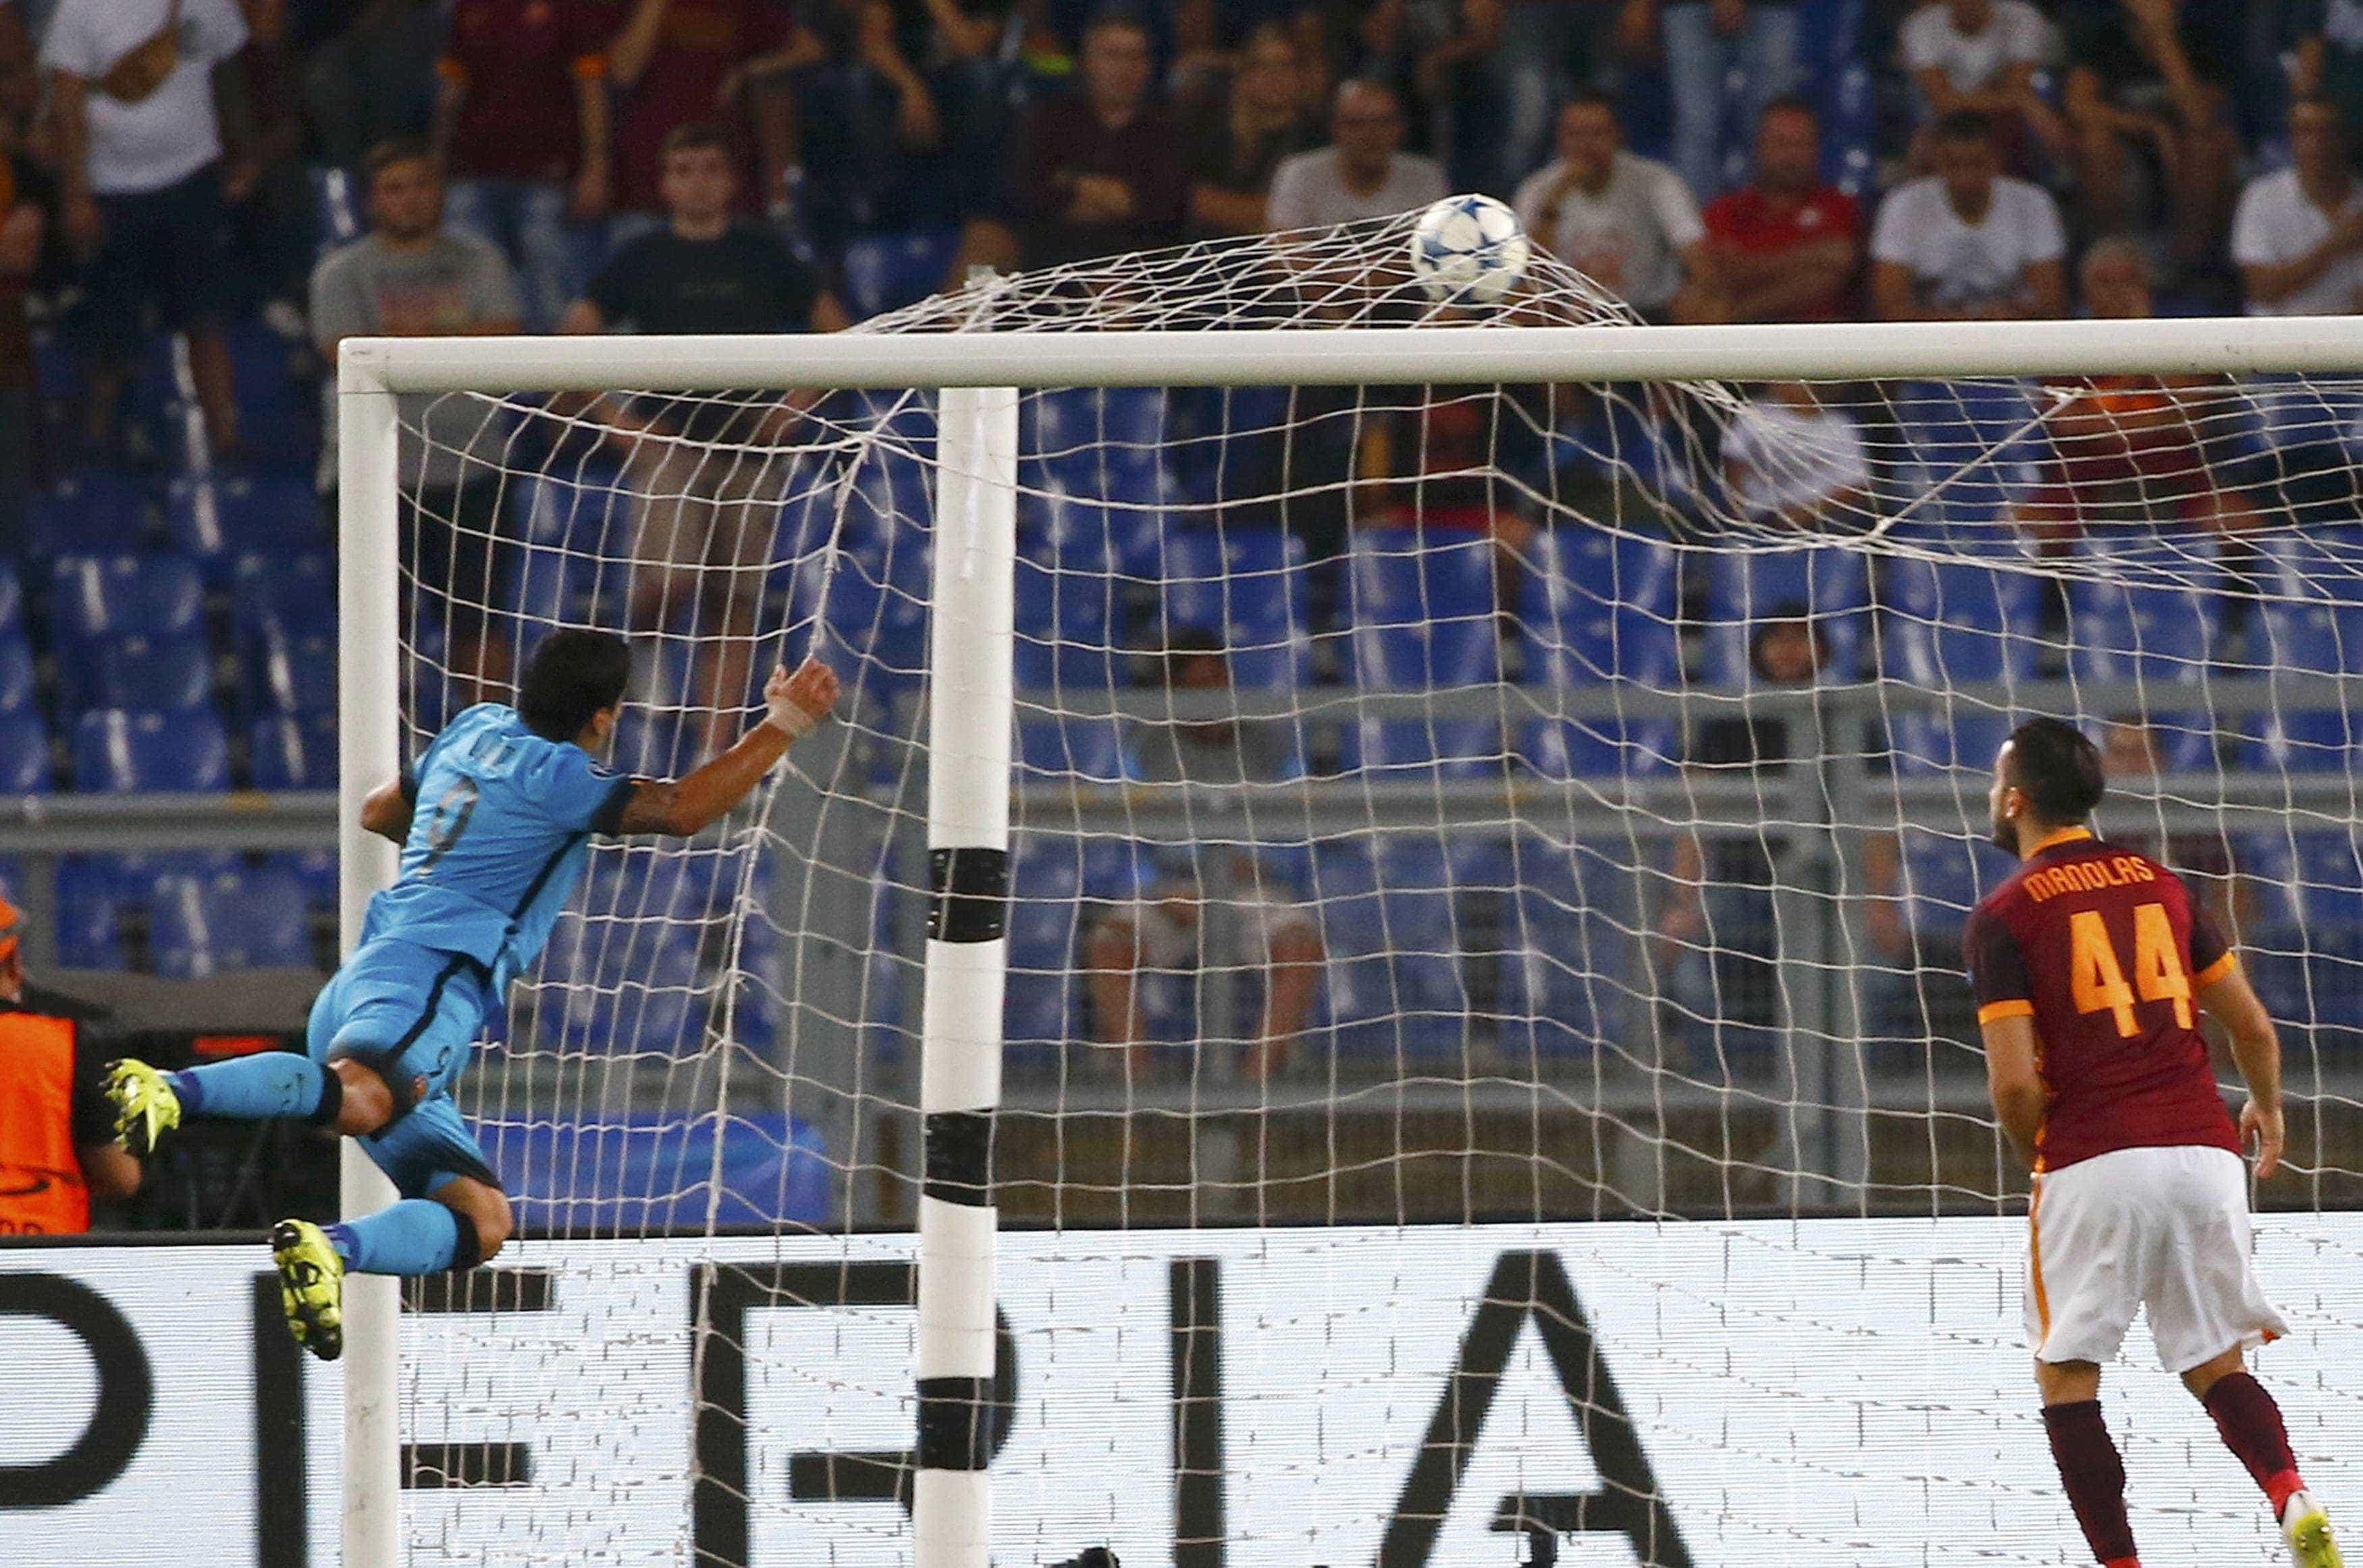 Este golo de Suárez merece ser recordado, mas não pelos melhores motivos